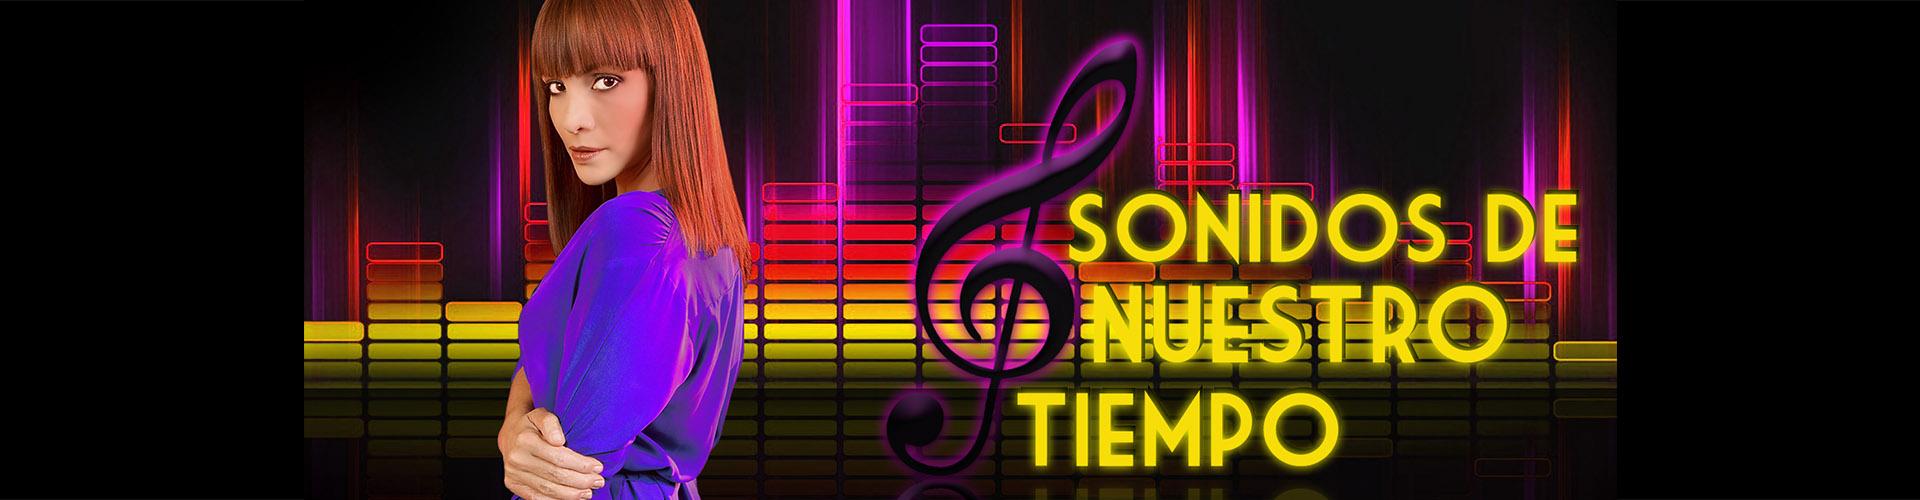 Sonidos de Nuestros Tiempor500P